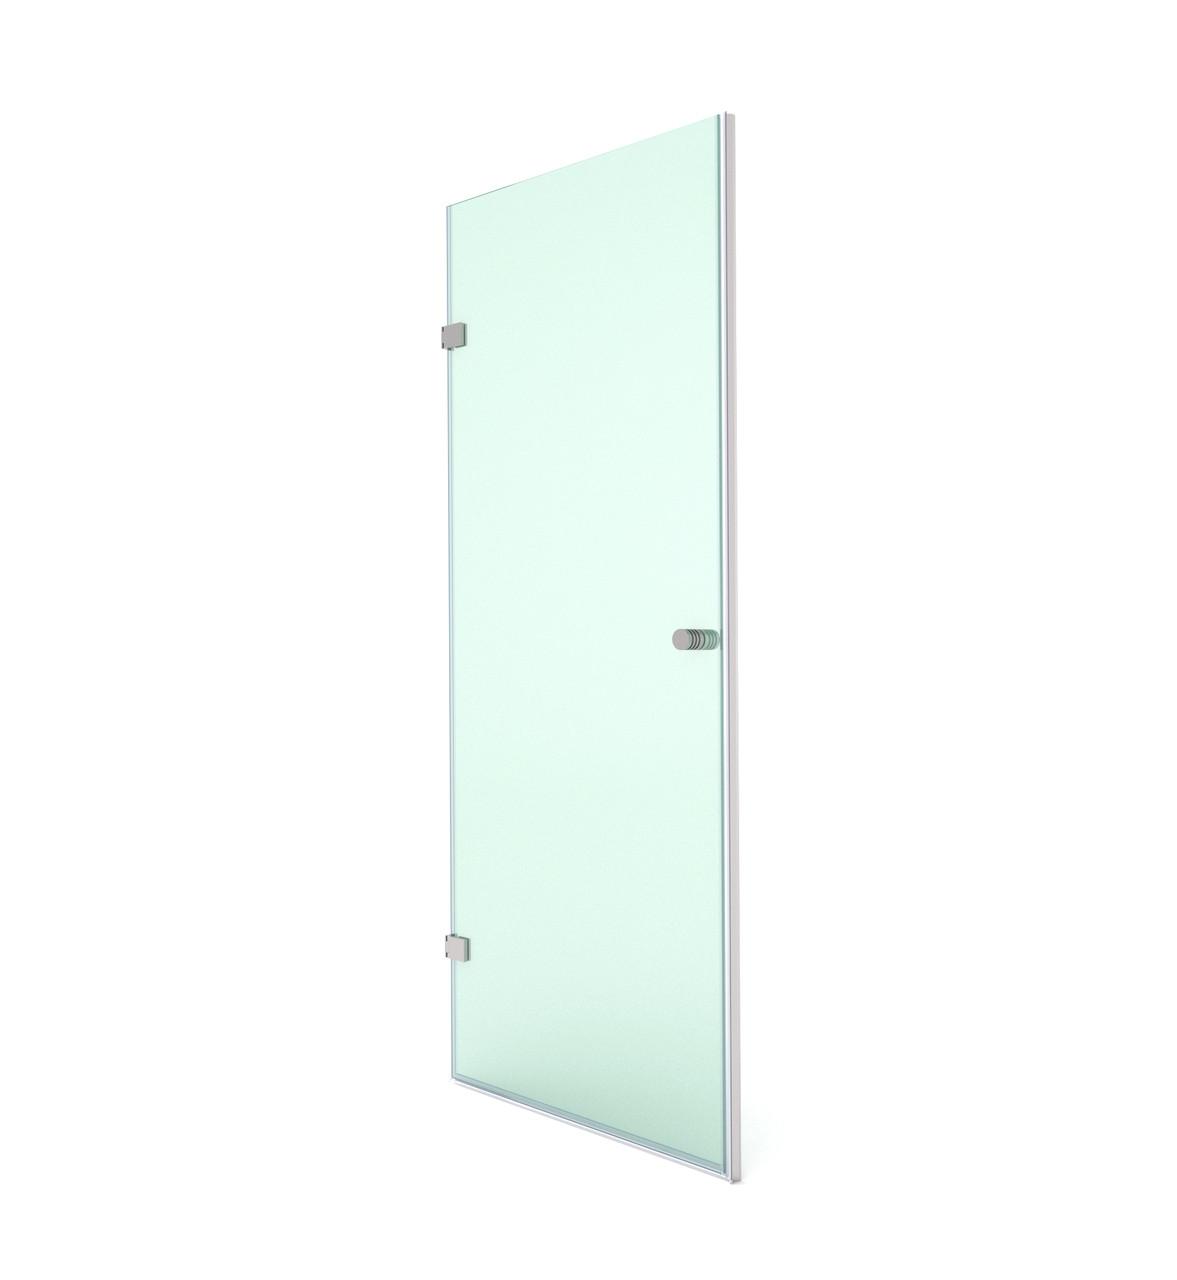 Скляні двері в душ, душові двері із скла, душ скляний, душові двері перегородки для душу